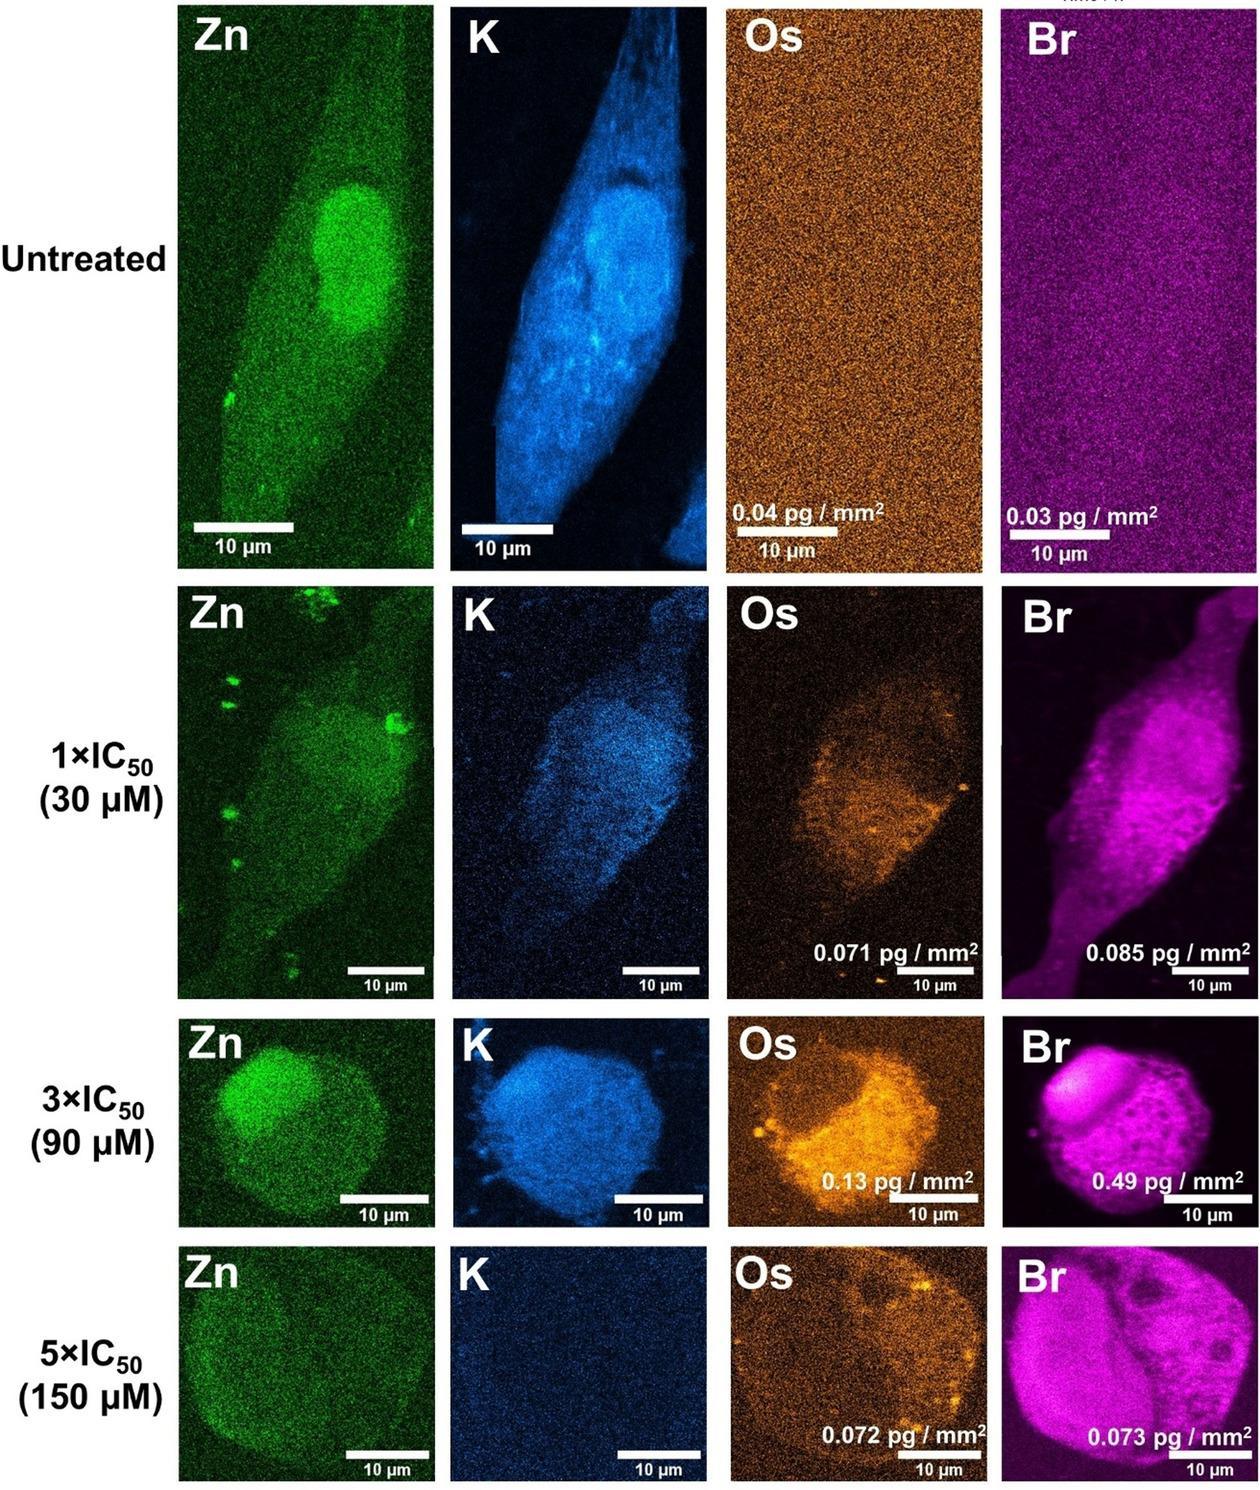 Ученые впервые заглянули внутрь раковой клетки и наблюдали в ней реакции соединений осмия